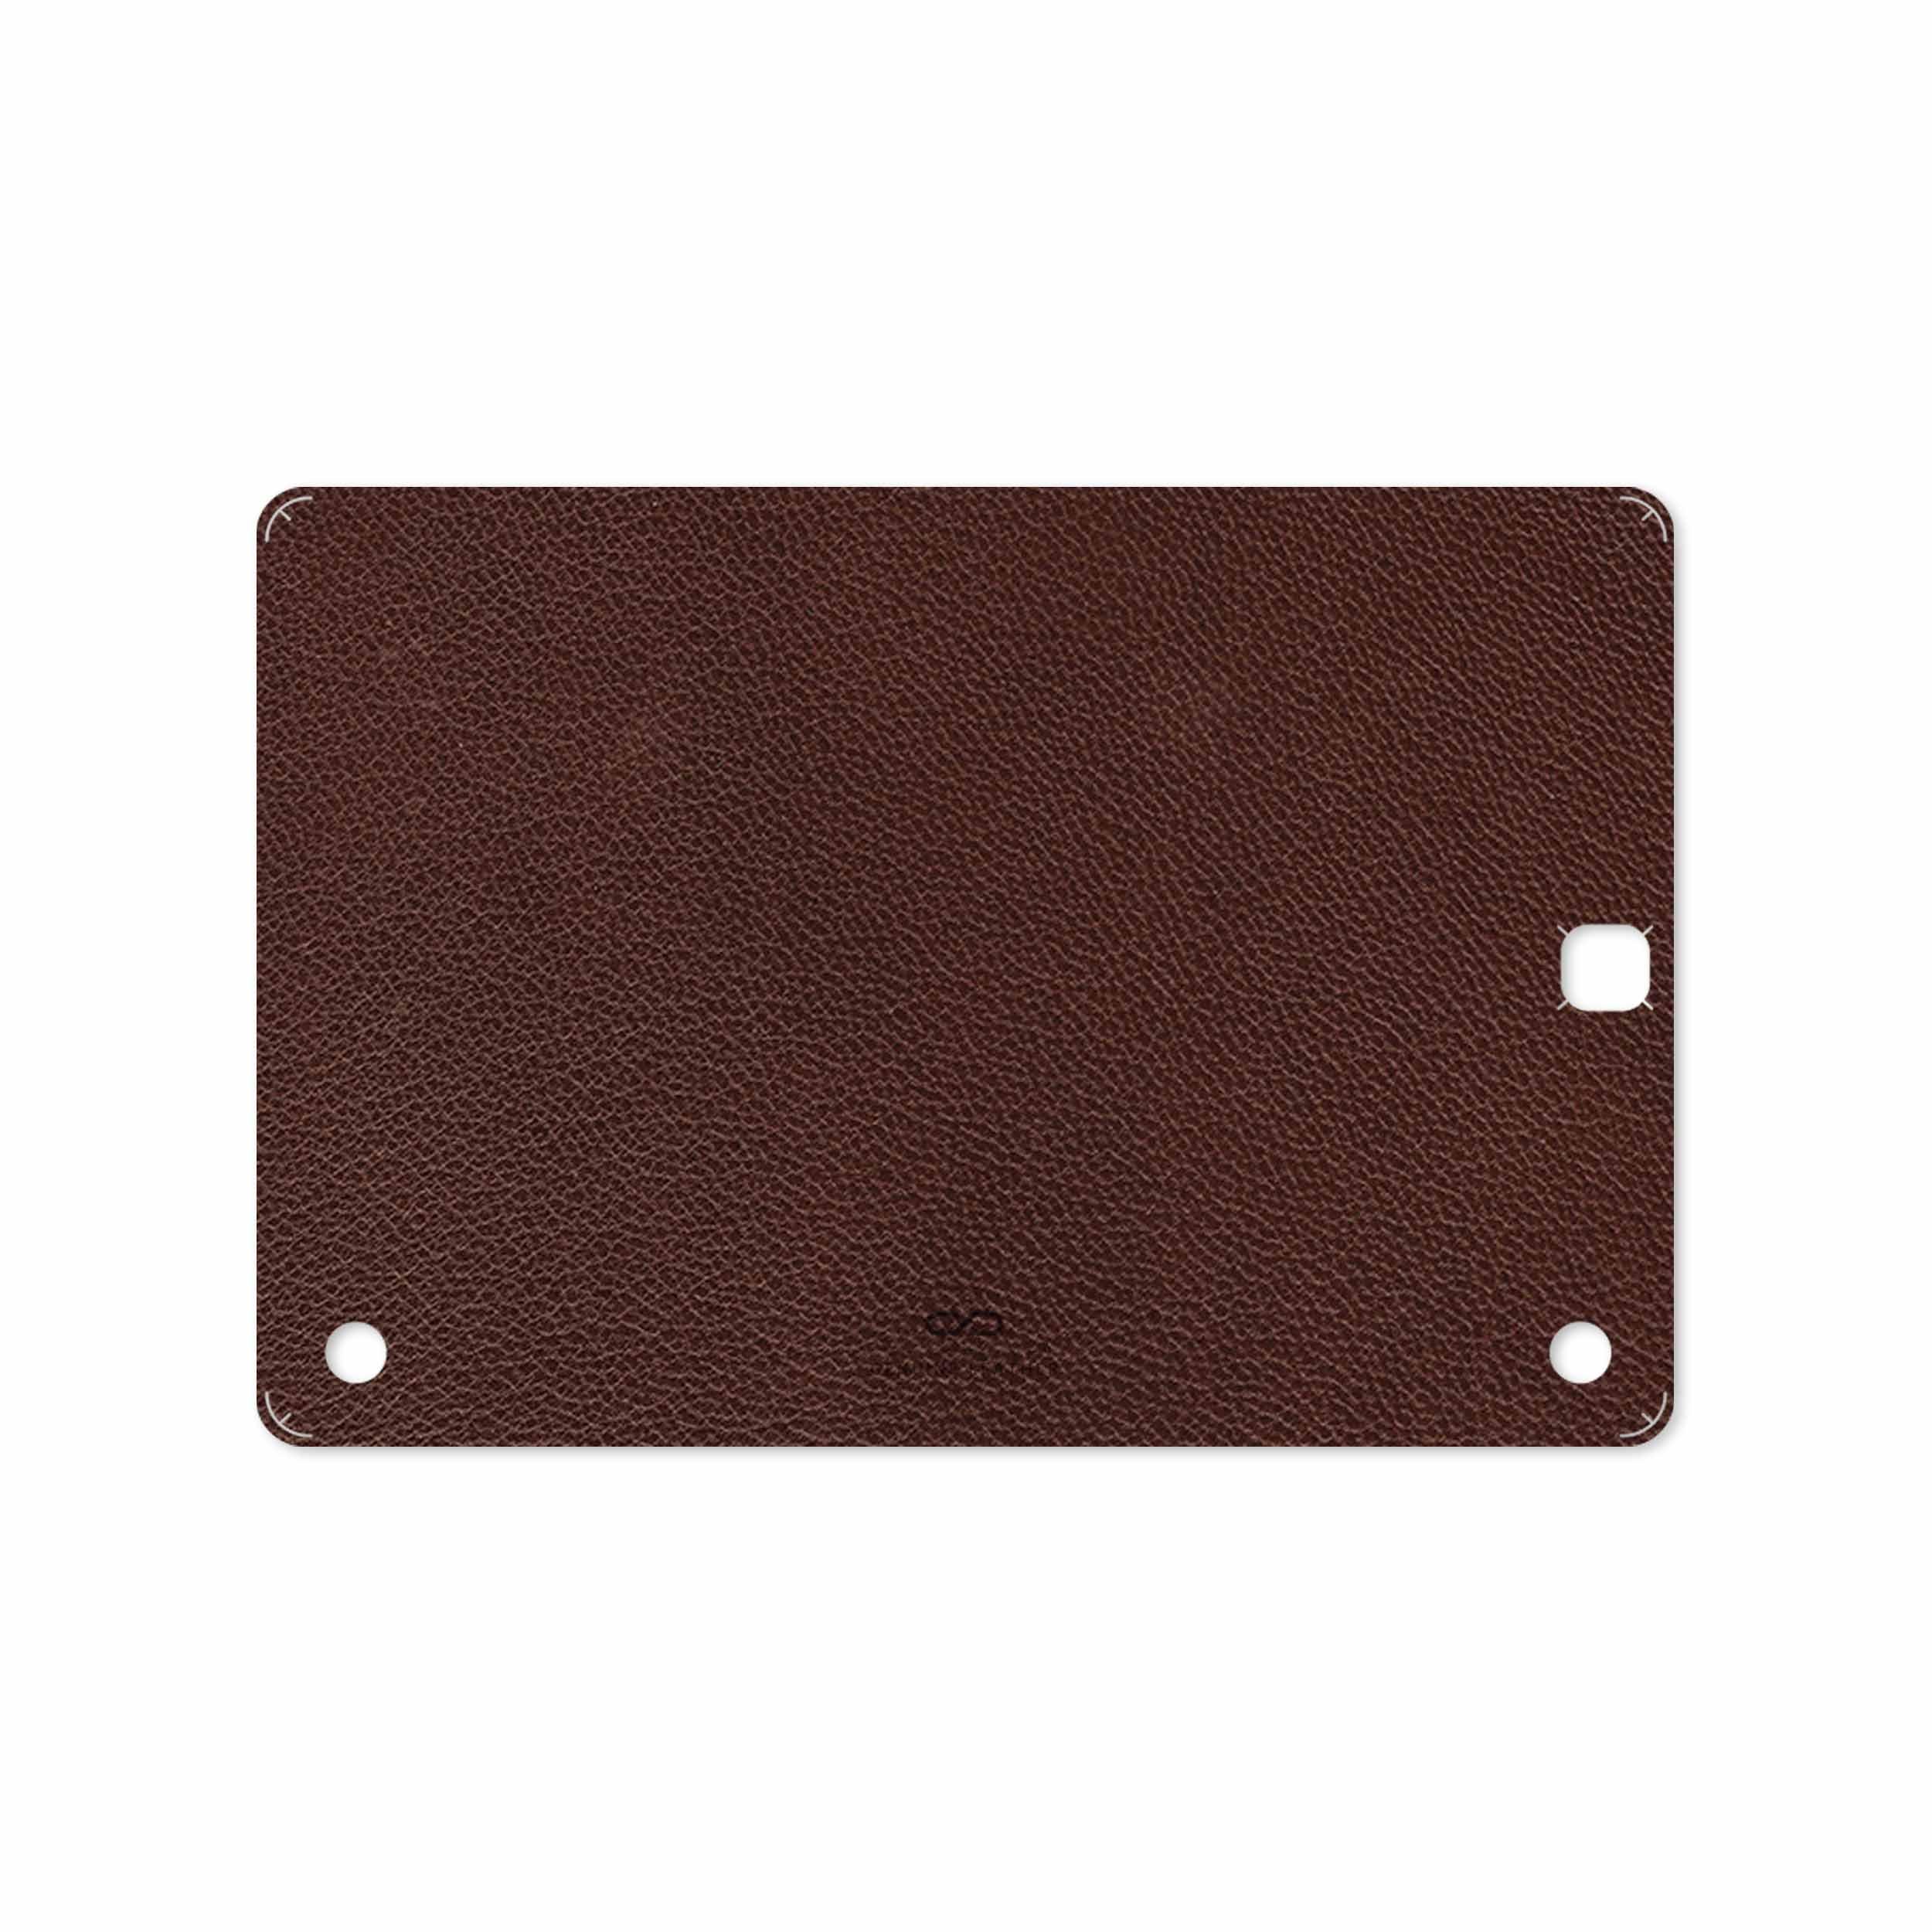 بررسی و خرید [با تخفیف]                                     برچسب پوششی ماهوت مدل Natural-Leather مناسب برای تبلت سامسونگ Galaxy Tab A 9.7 2015 T550                             اورجینال